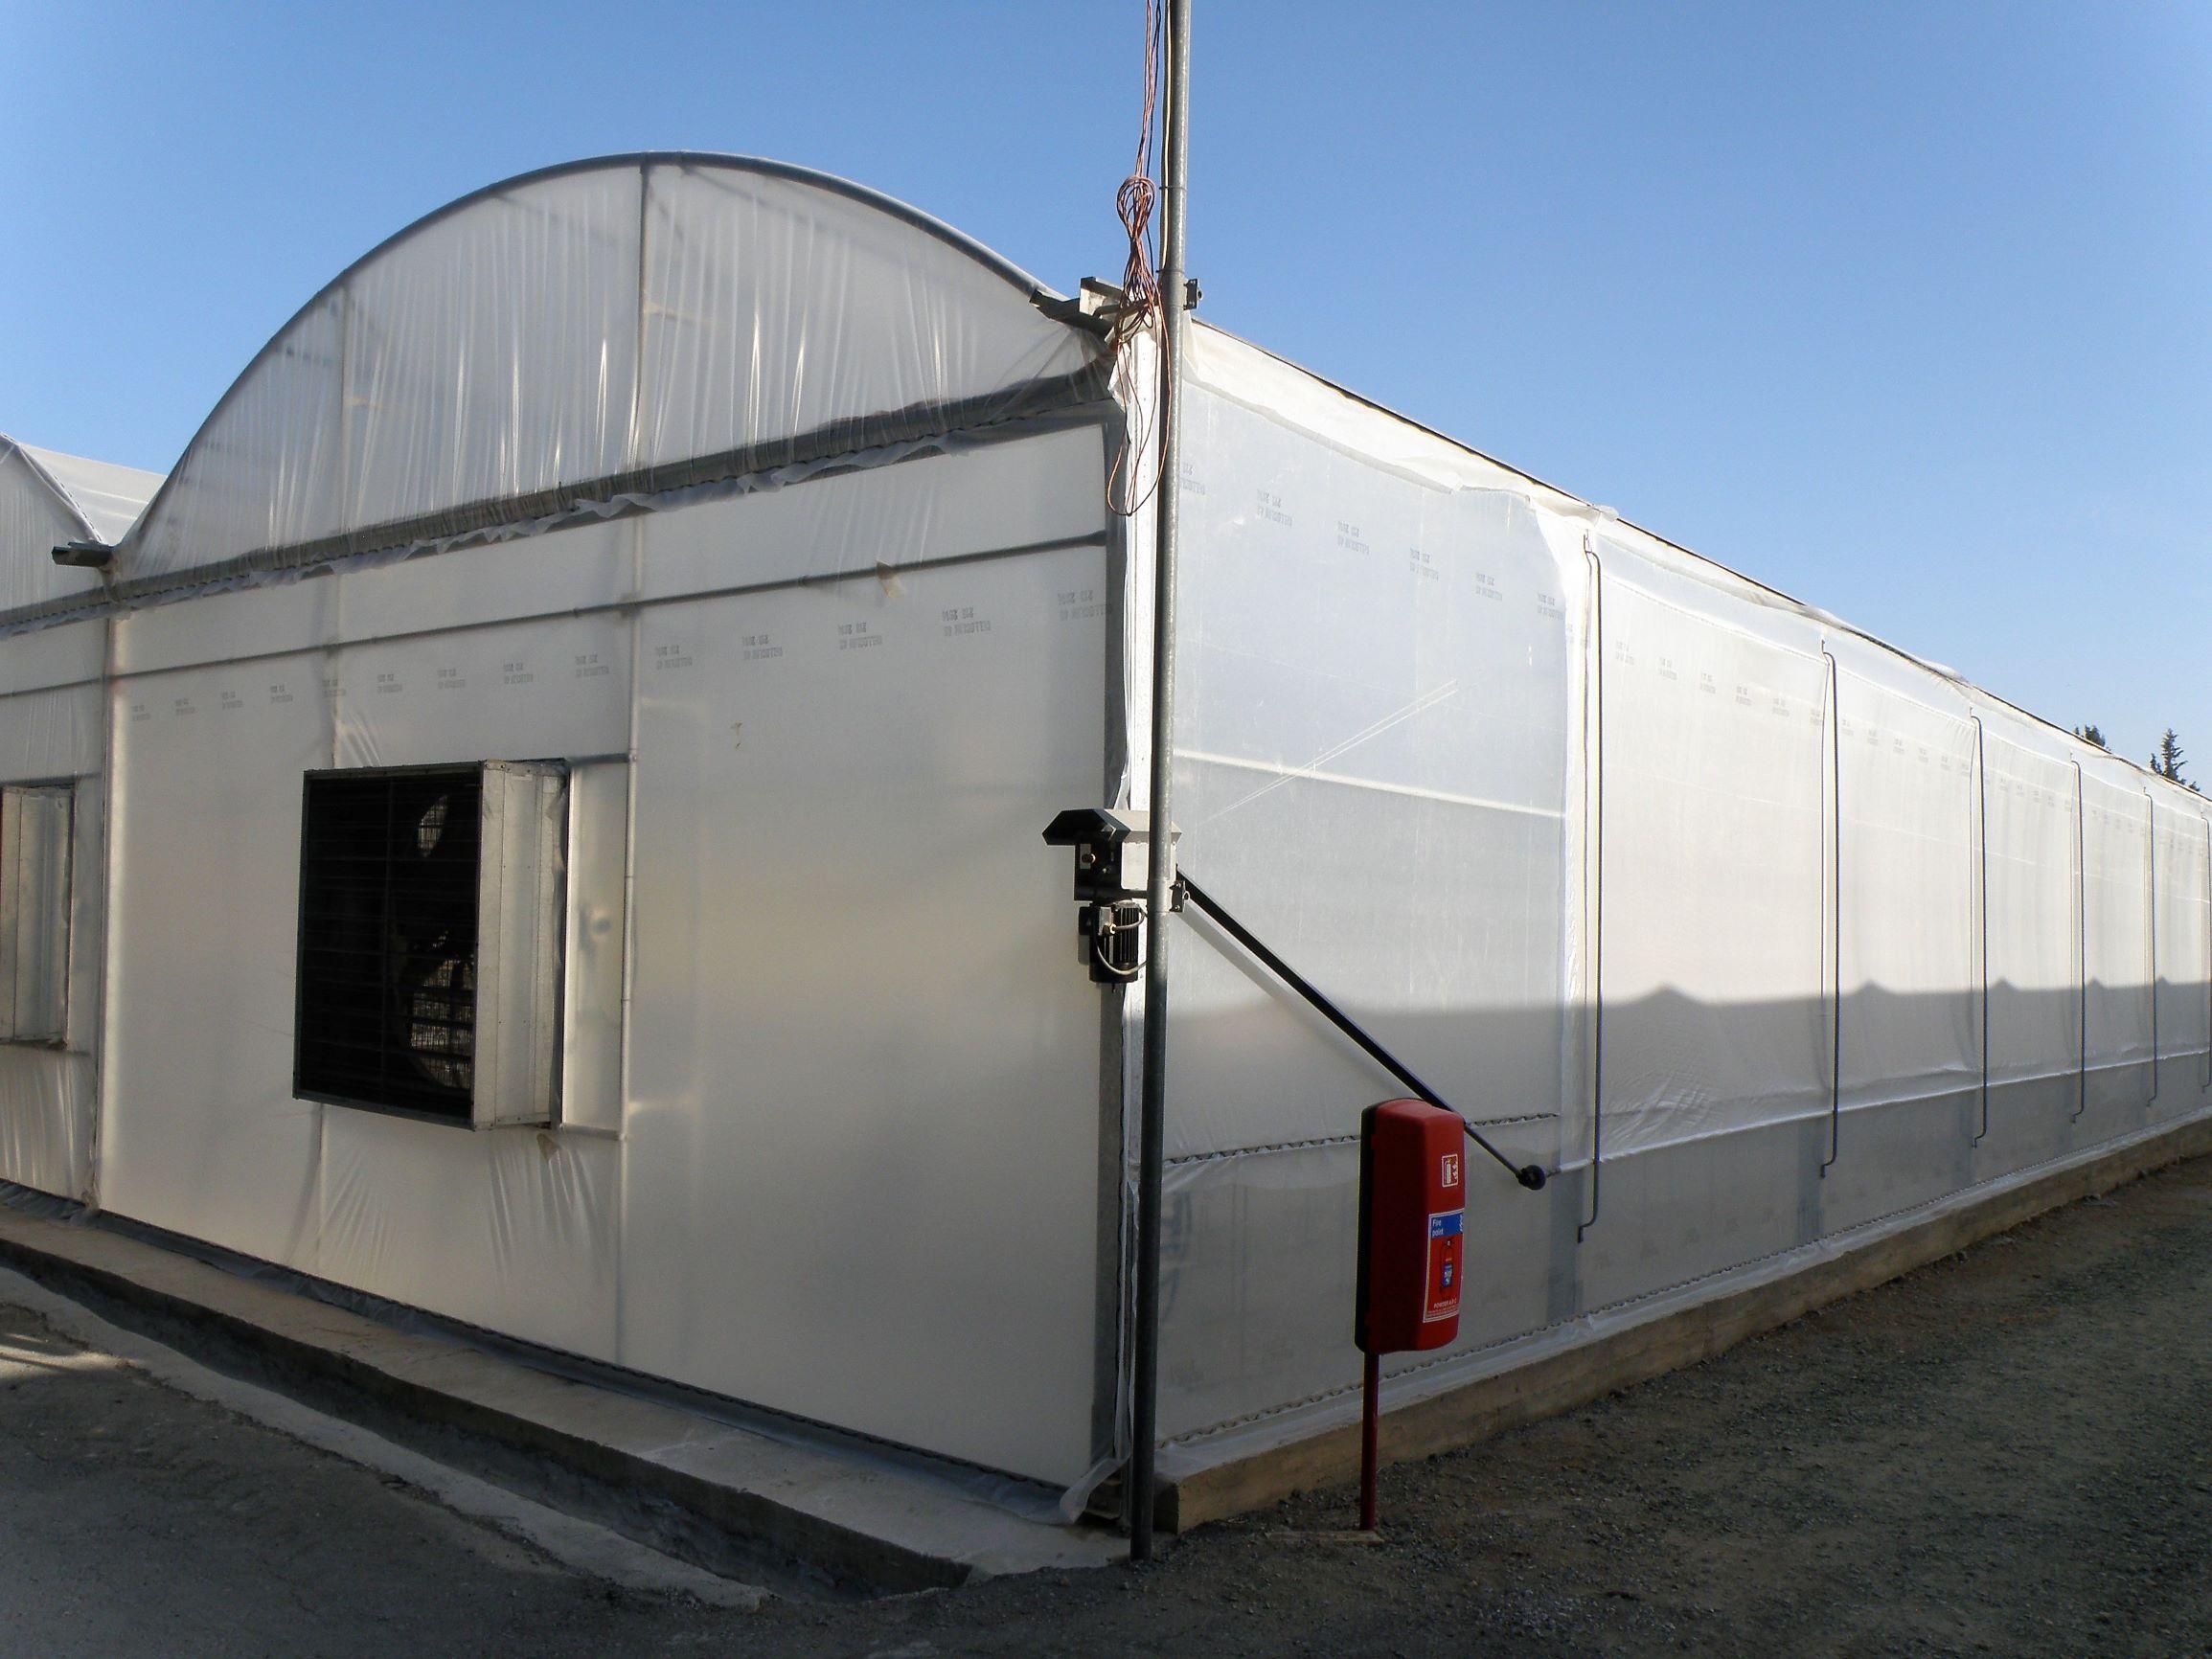 Κατασκευή & Λειτουργία Θερμοκηπίων